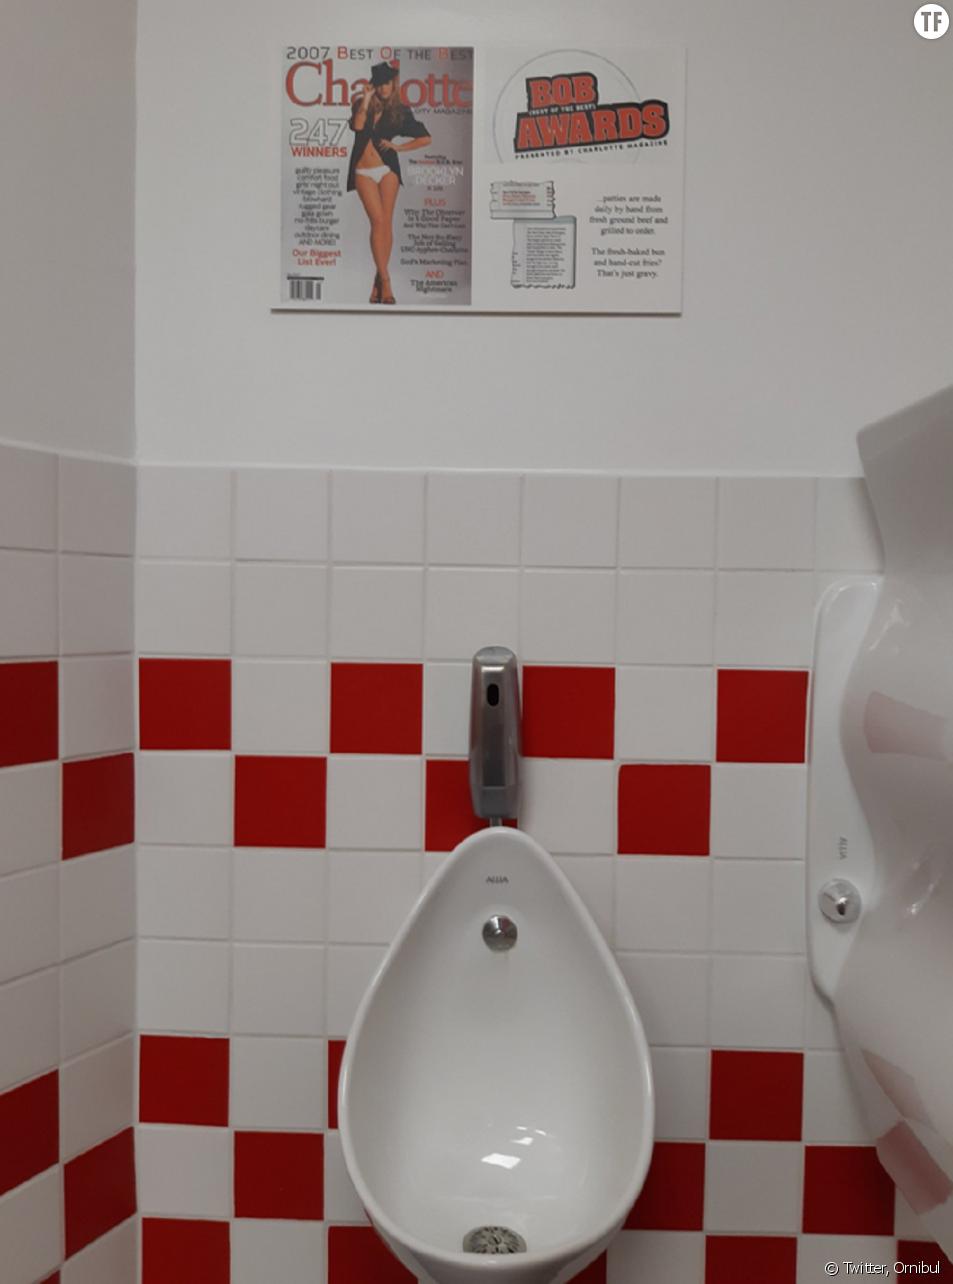 Les affiches sexistes dans les toilettes des hommes de Five Guys